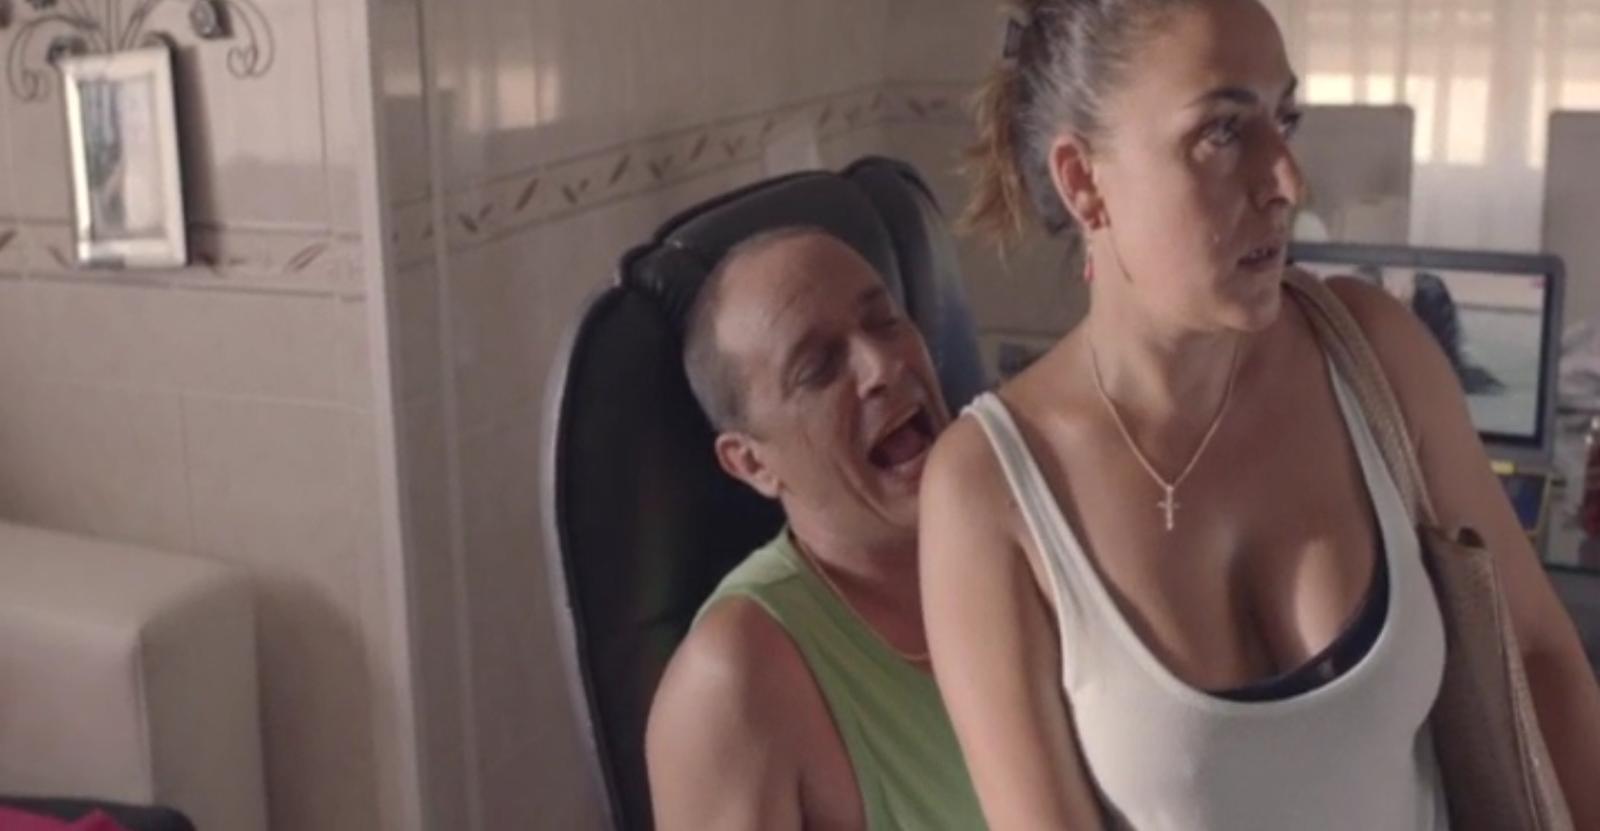 Candela Peña Follando cinefiloninoindie: kiki, el amor se hace